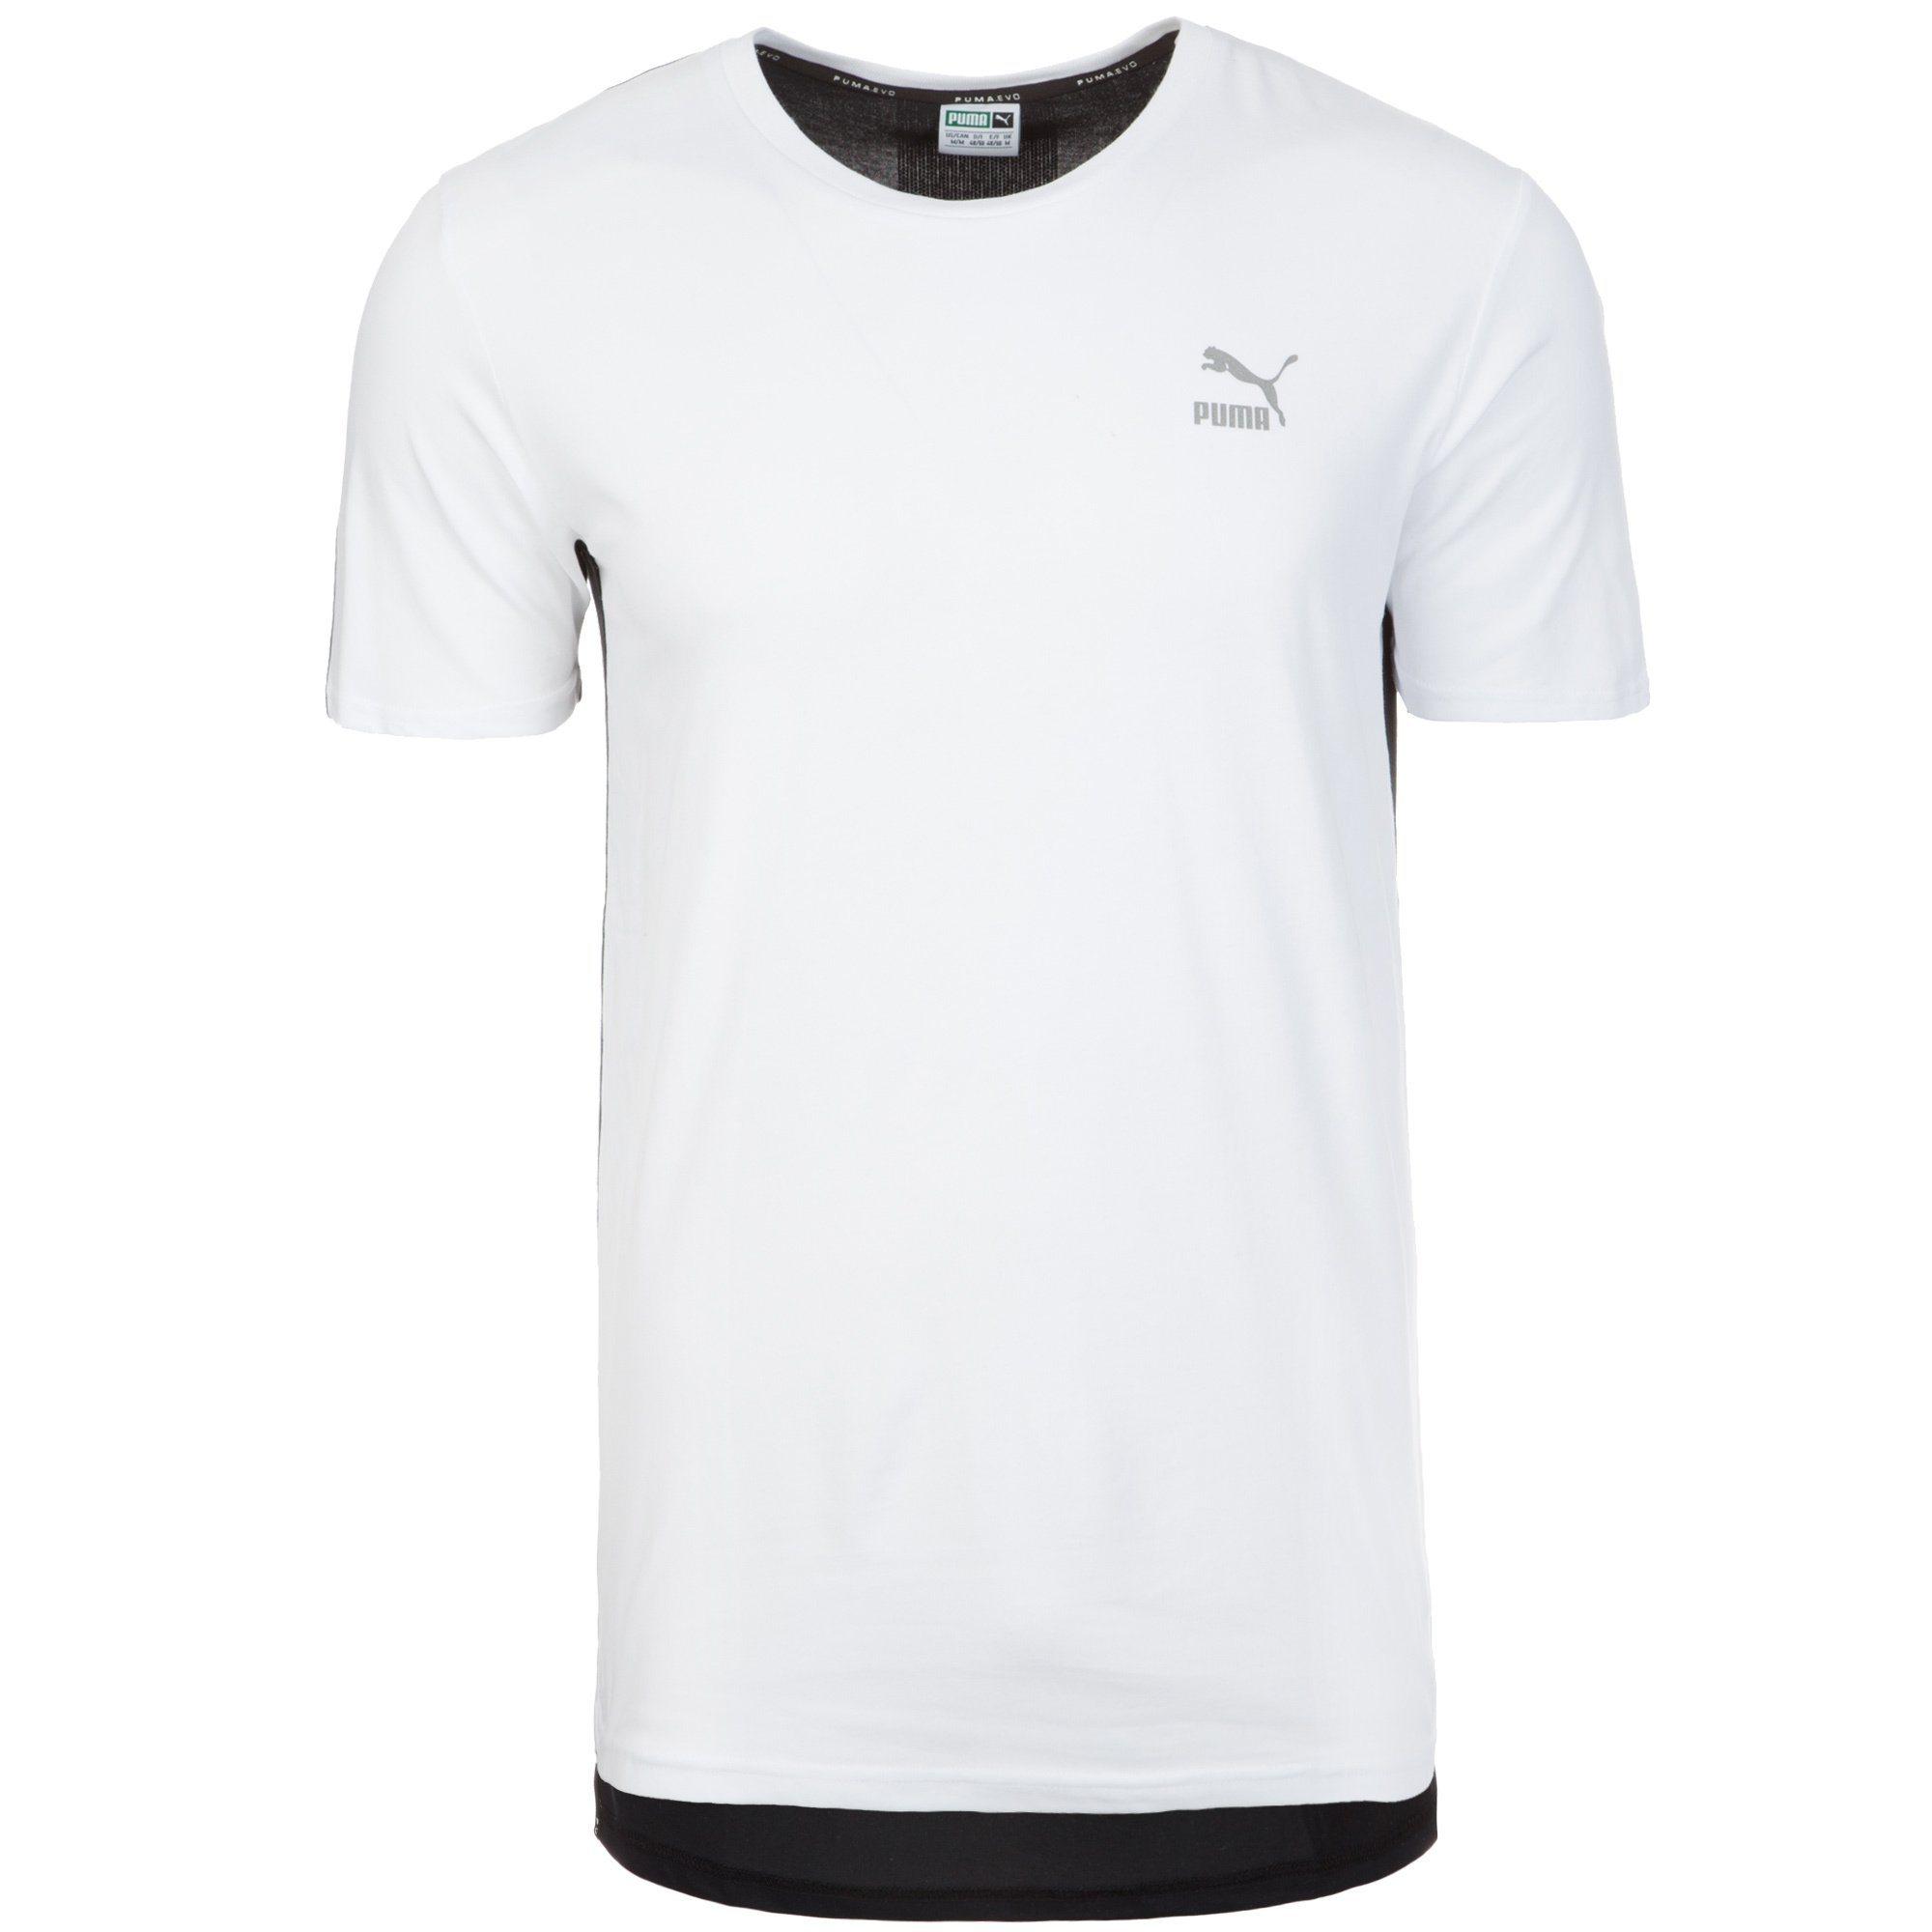 PUMA Evo Core T-Shirt Herren